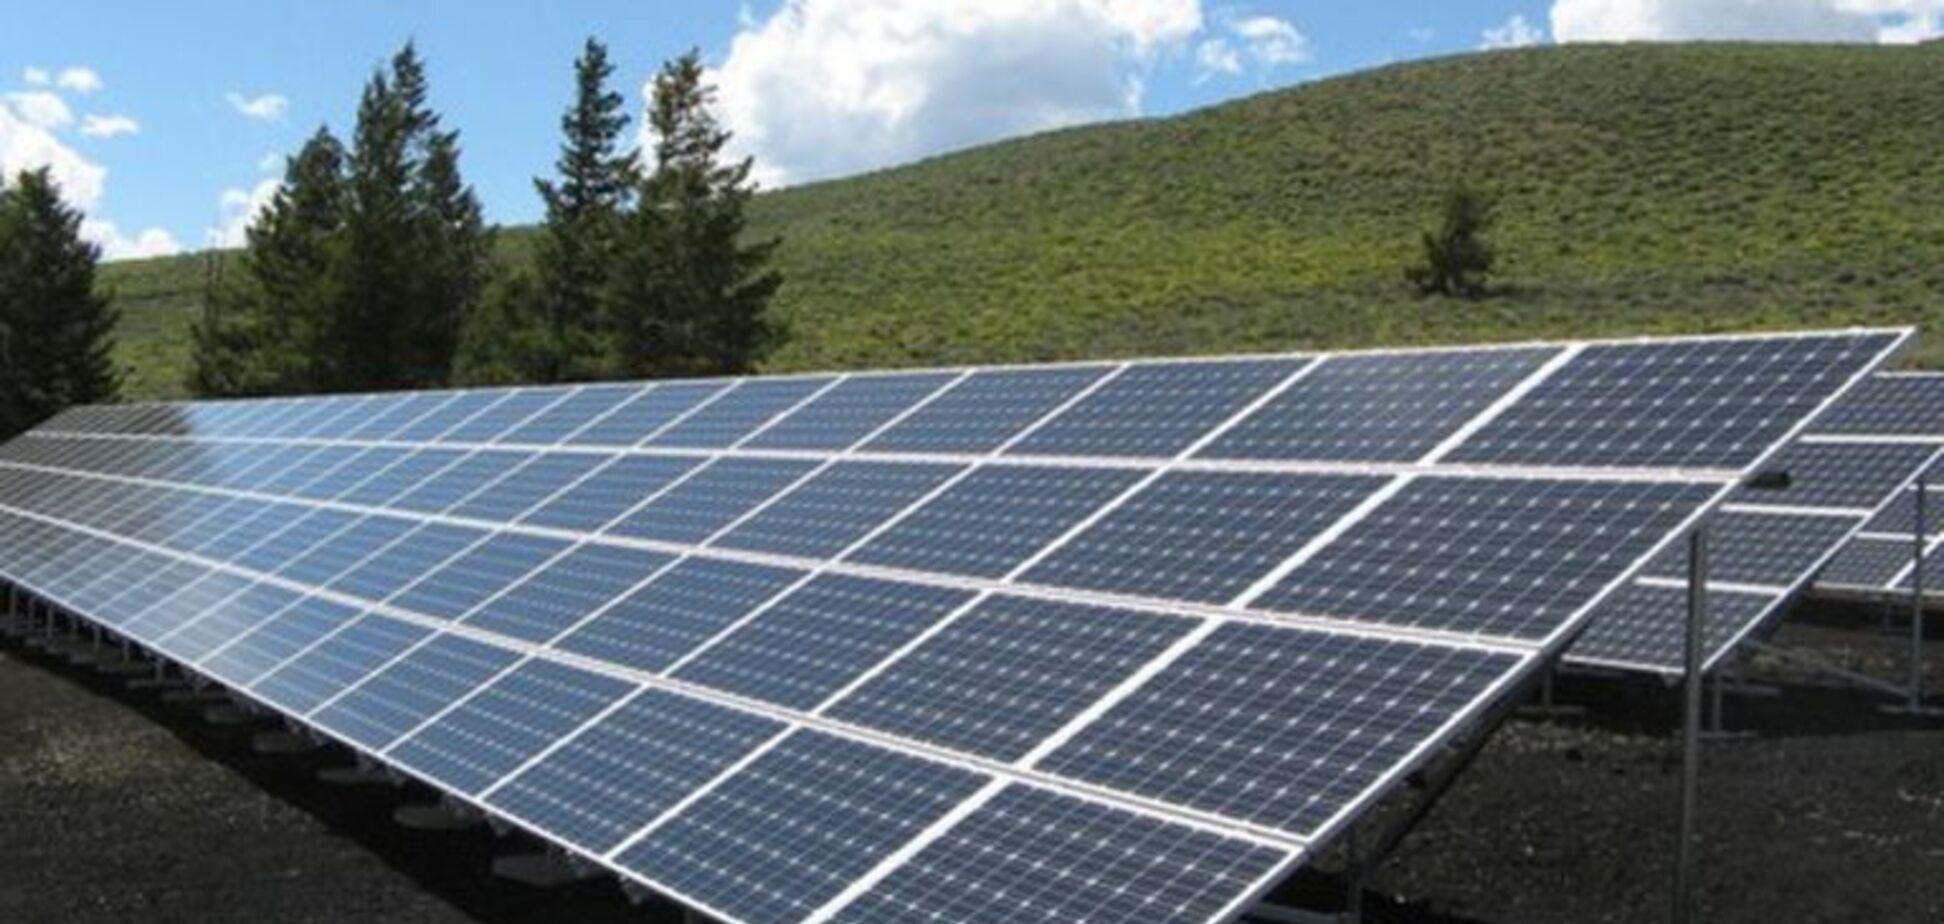 За сонячні місяці 2019 року просьюмери, приєднані до 7 ОСР ДТЕК Мережі, заробили 316 млн